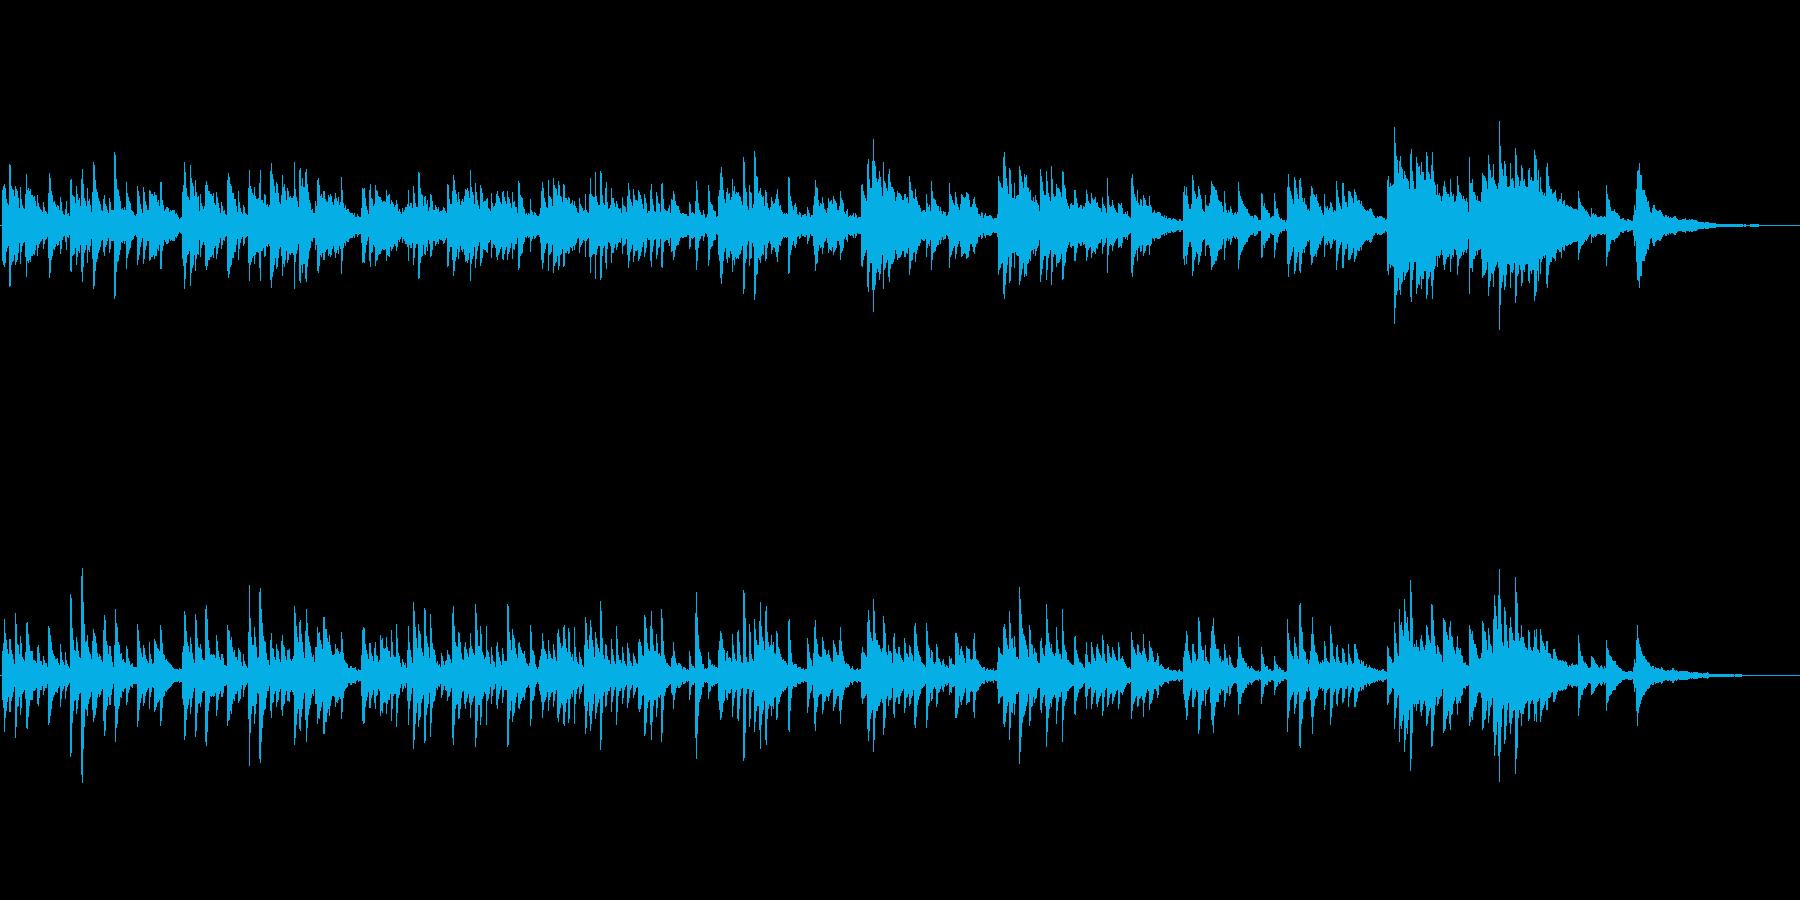 和風なピアノ曲の再生済みの波形